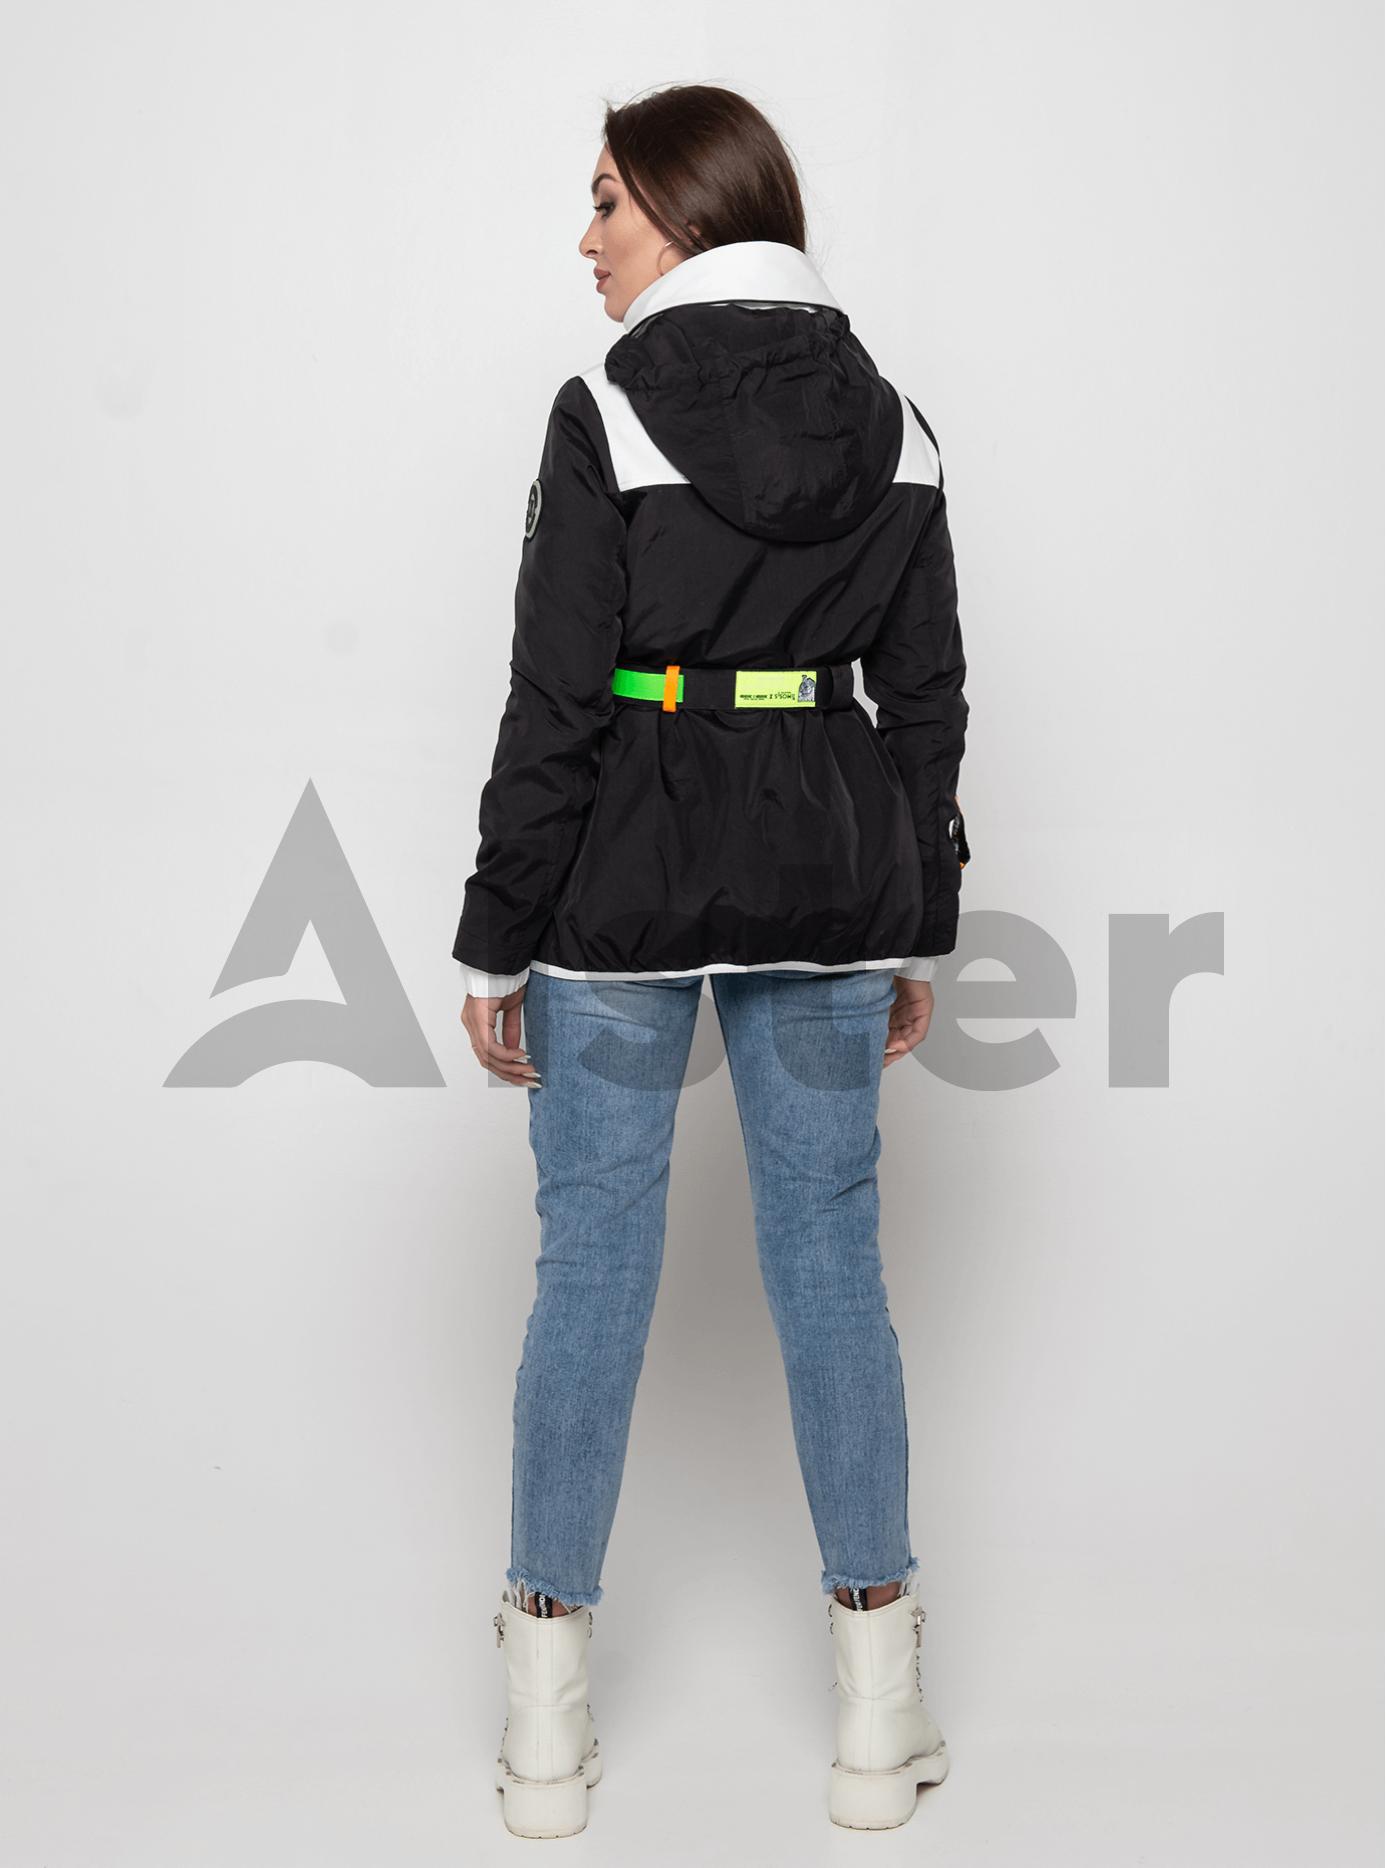 Куртка демисезонная с поясом Чёрный S (02-Y191041): фото - Alster.ua